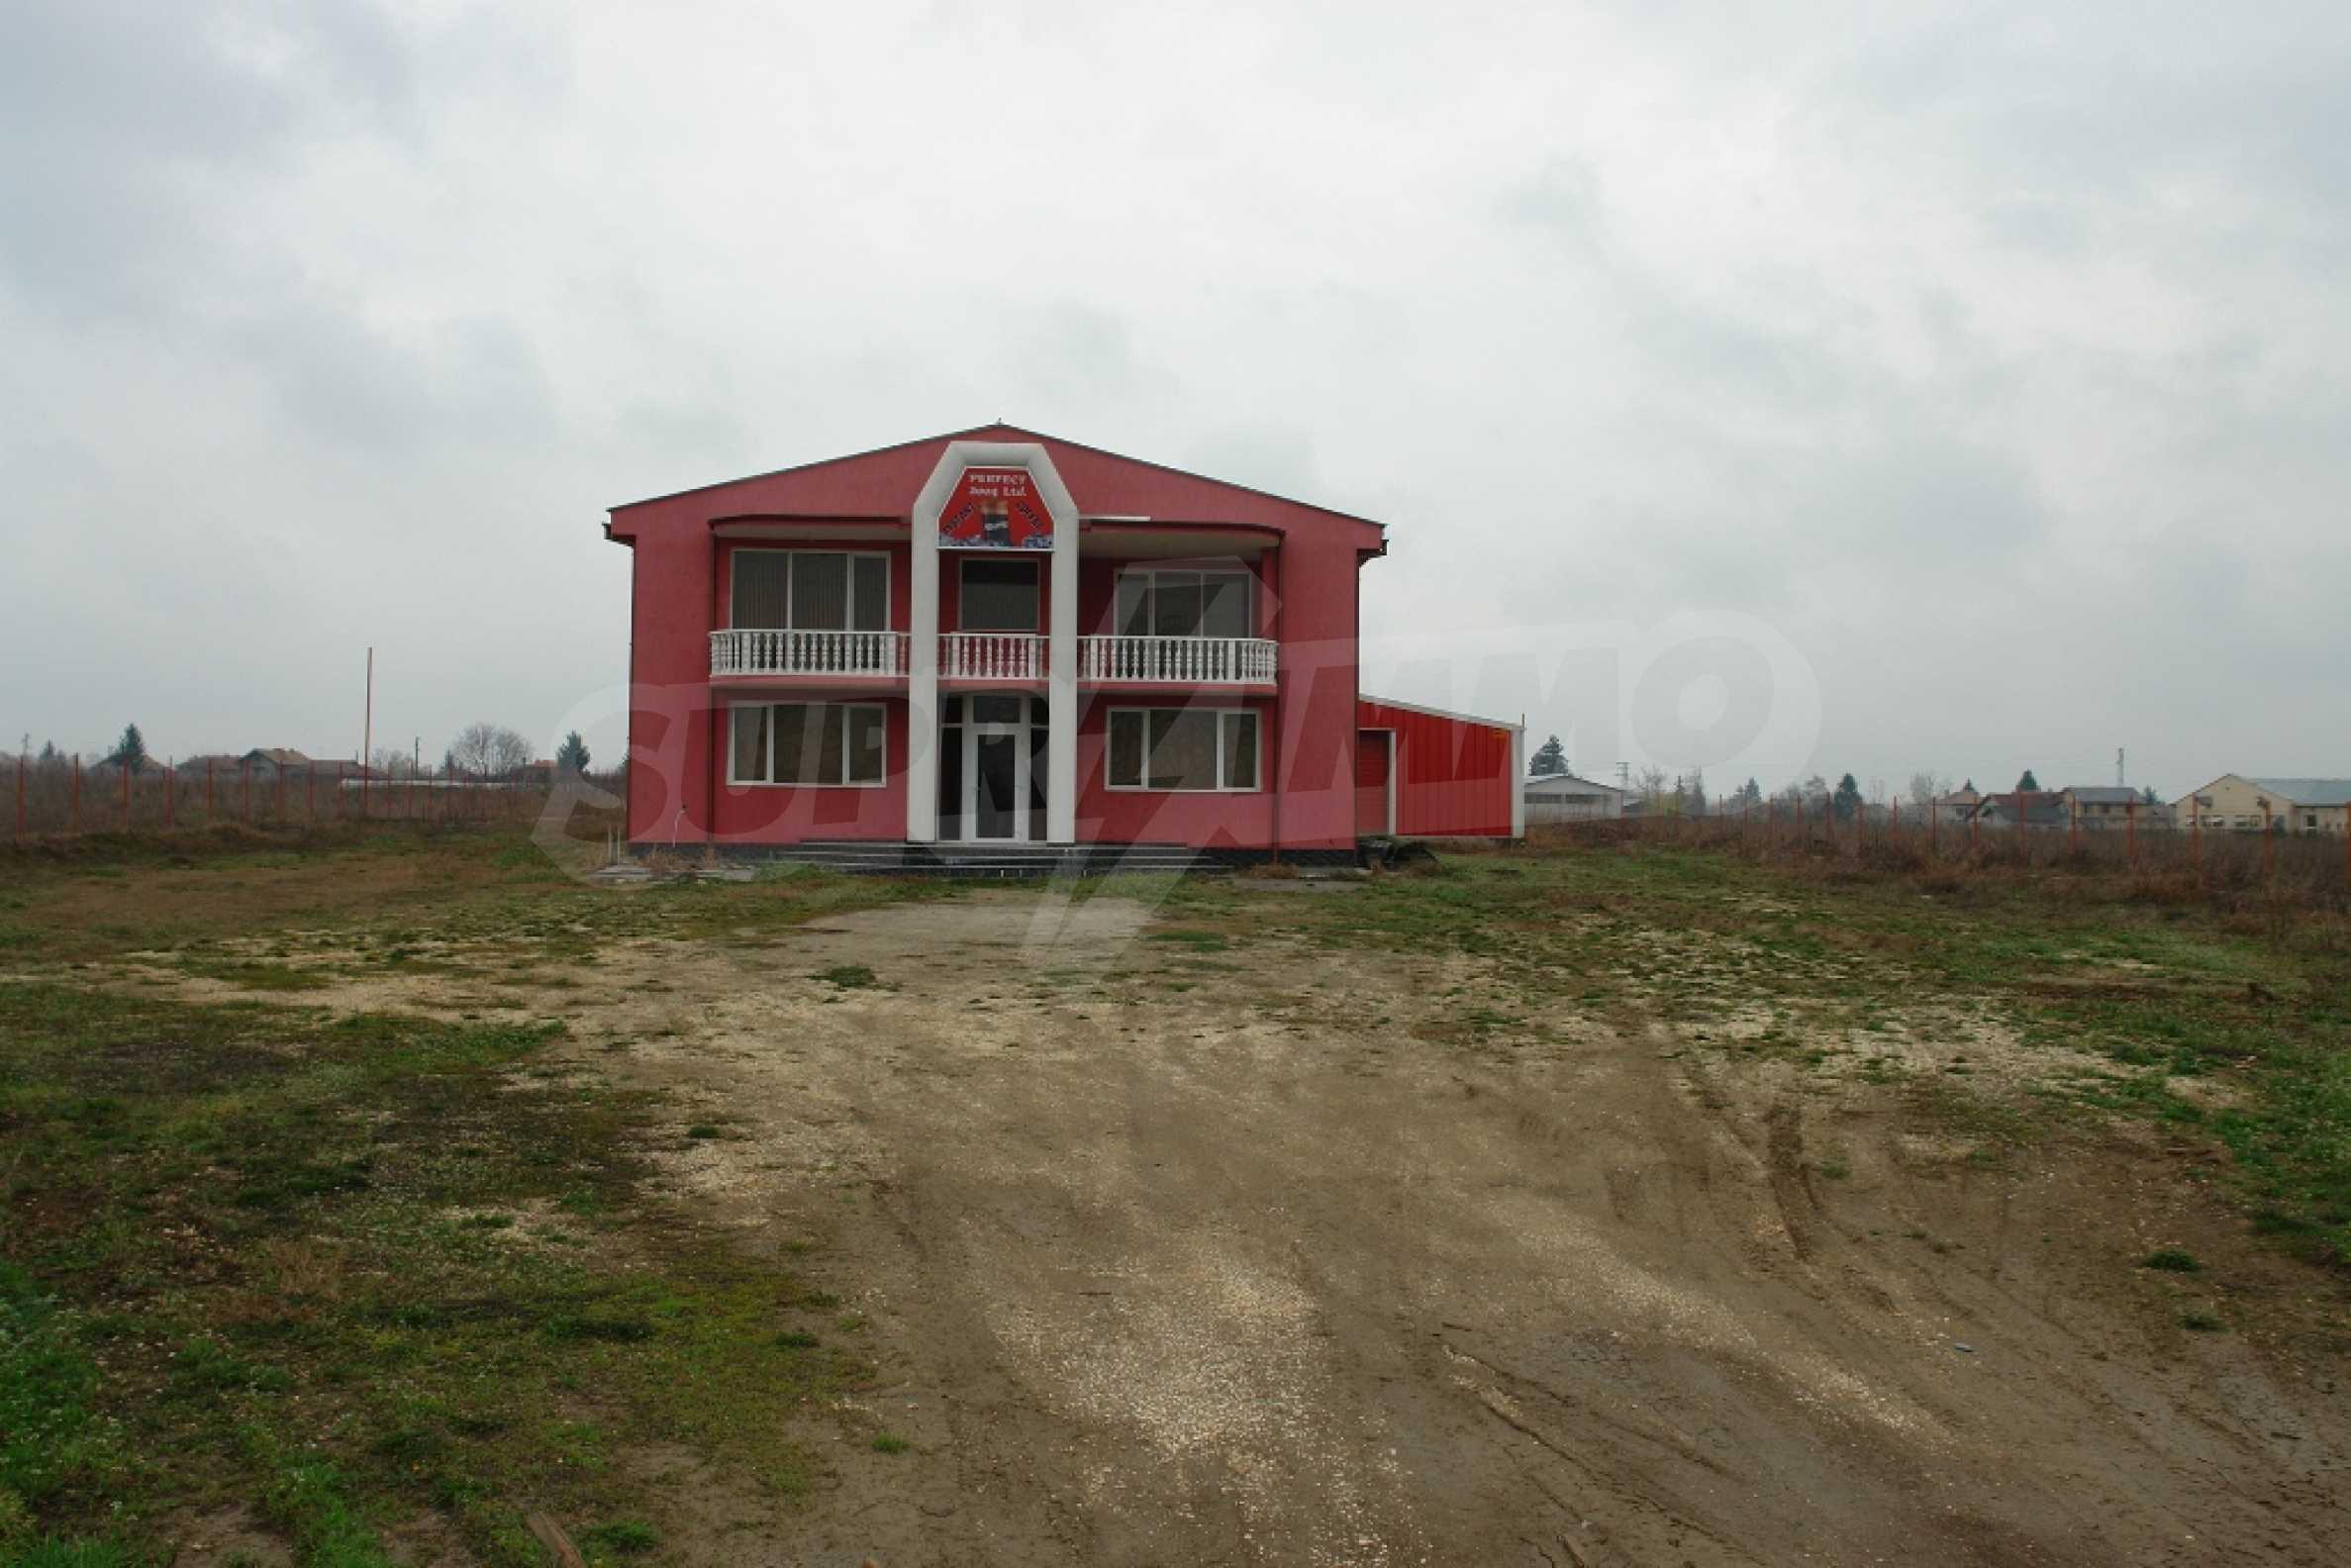 Индустриално-пакетажна база в град Мартен, Русенска област 26